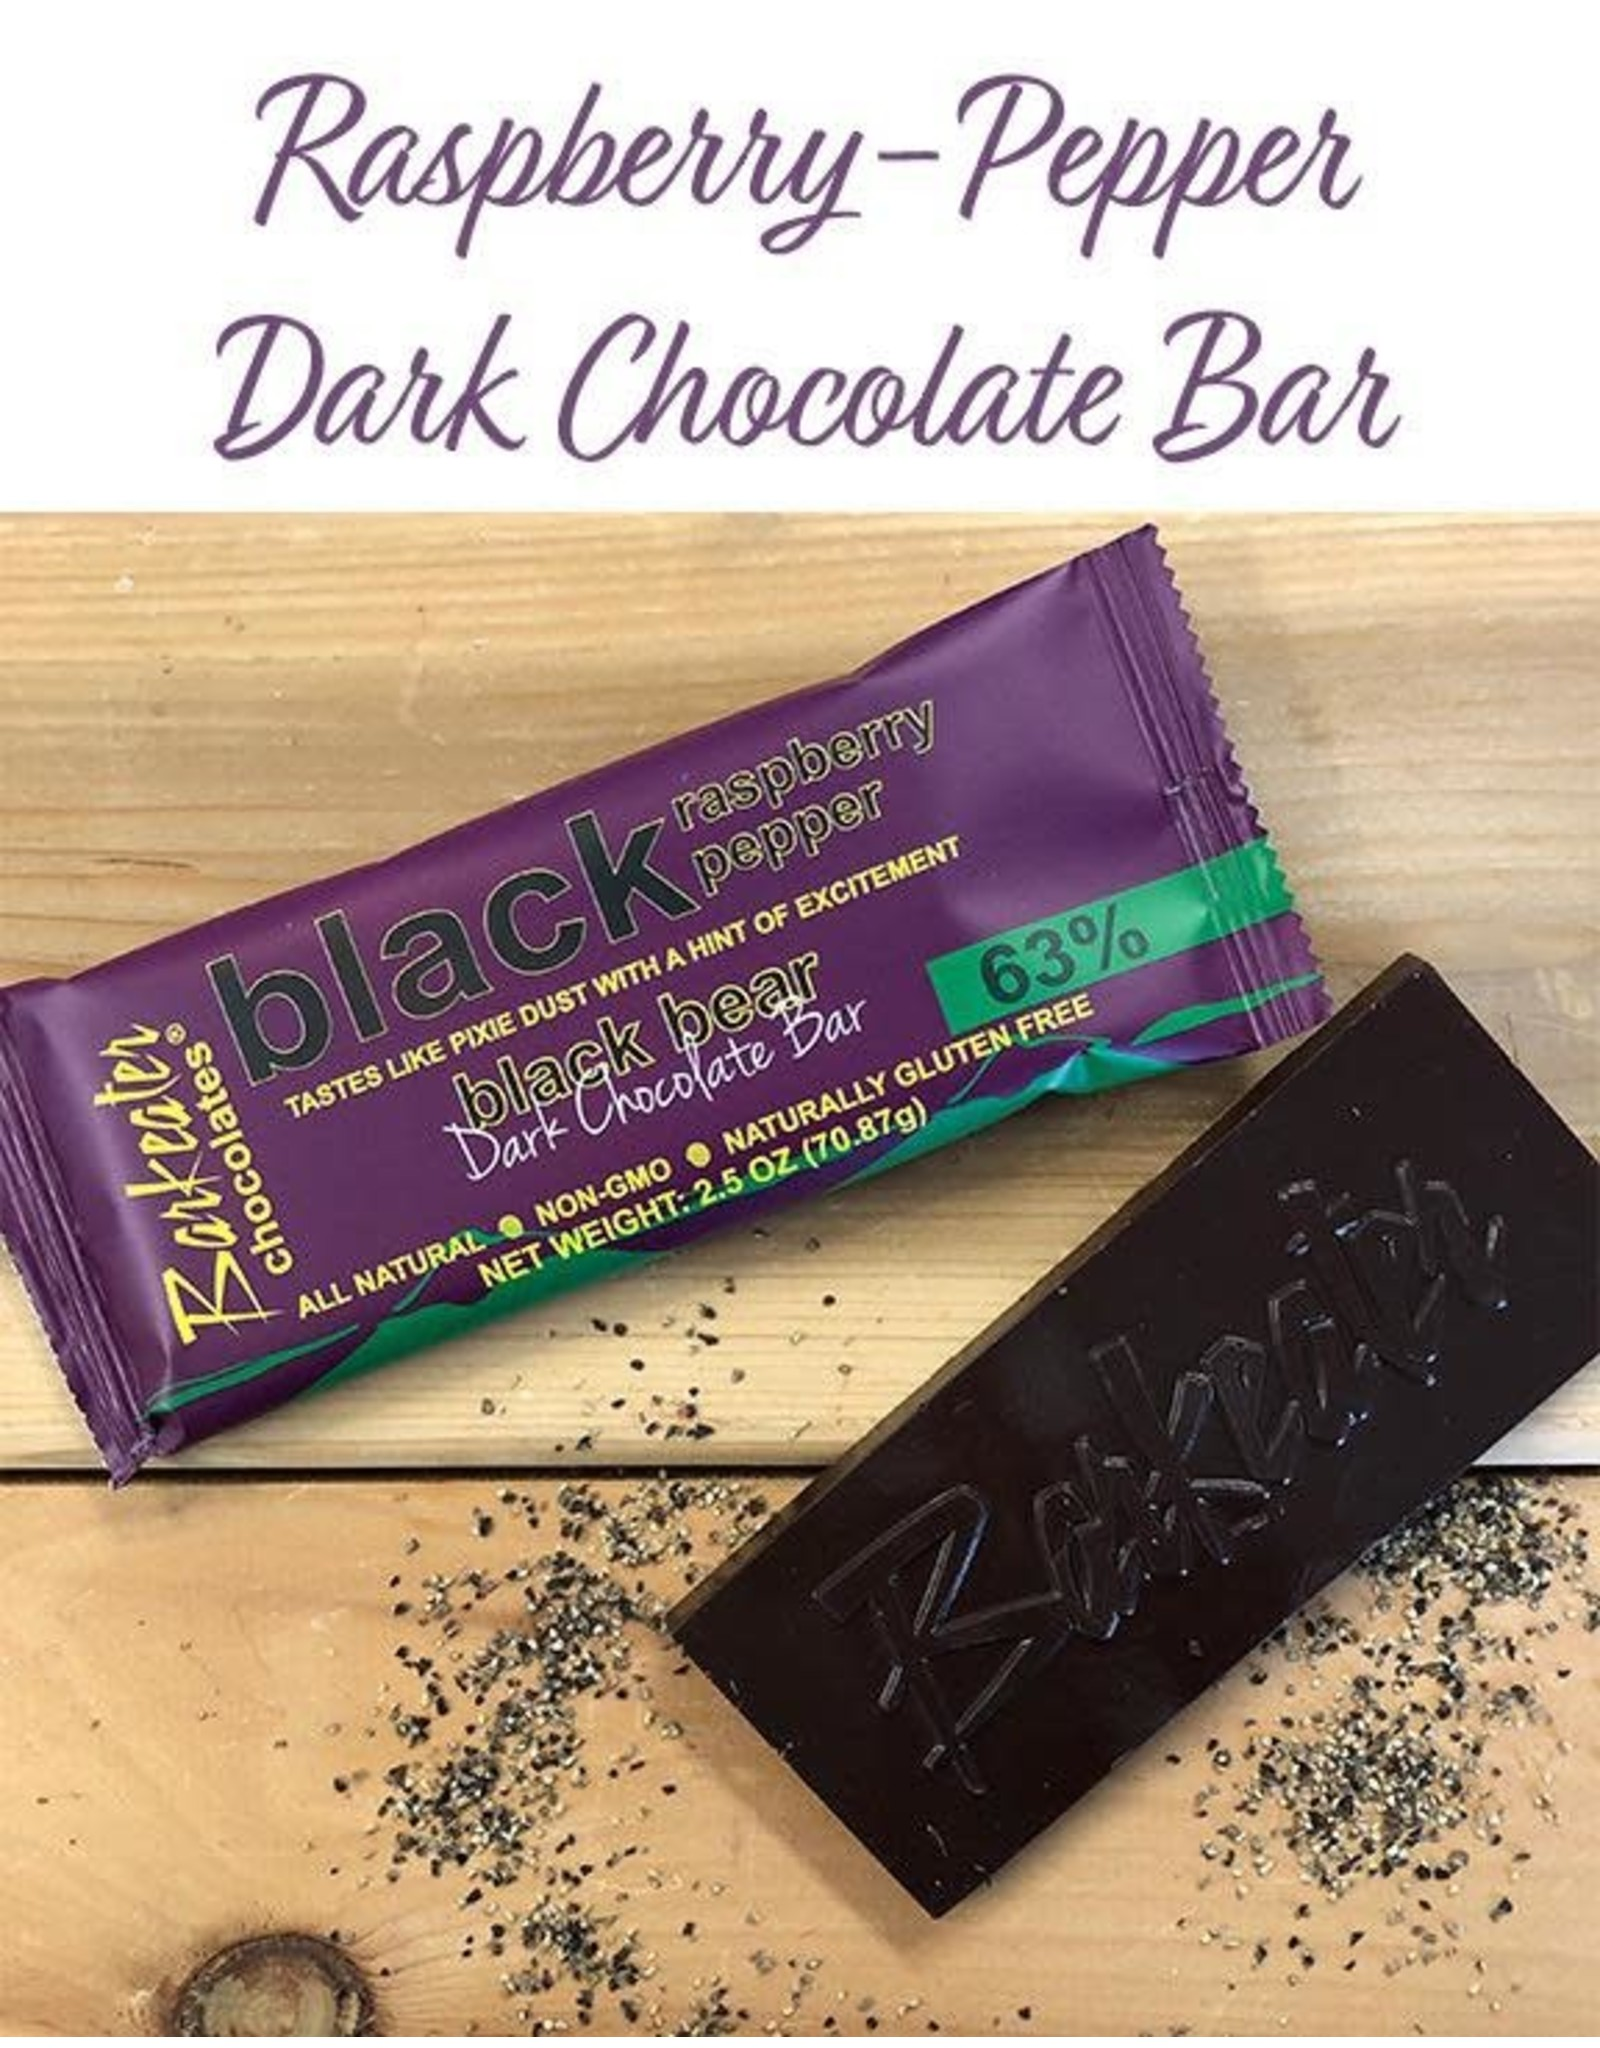 Barkeater Chocolate Bars